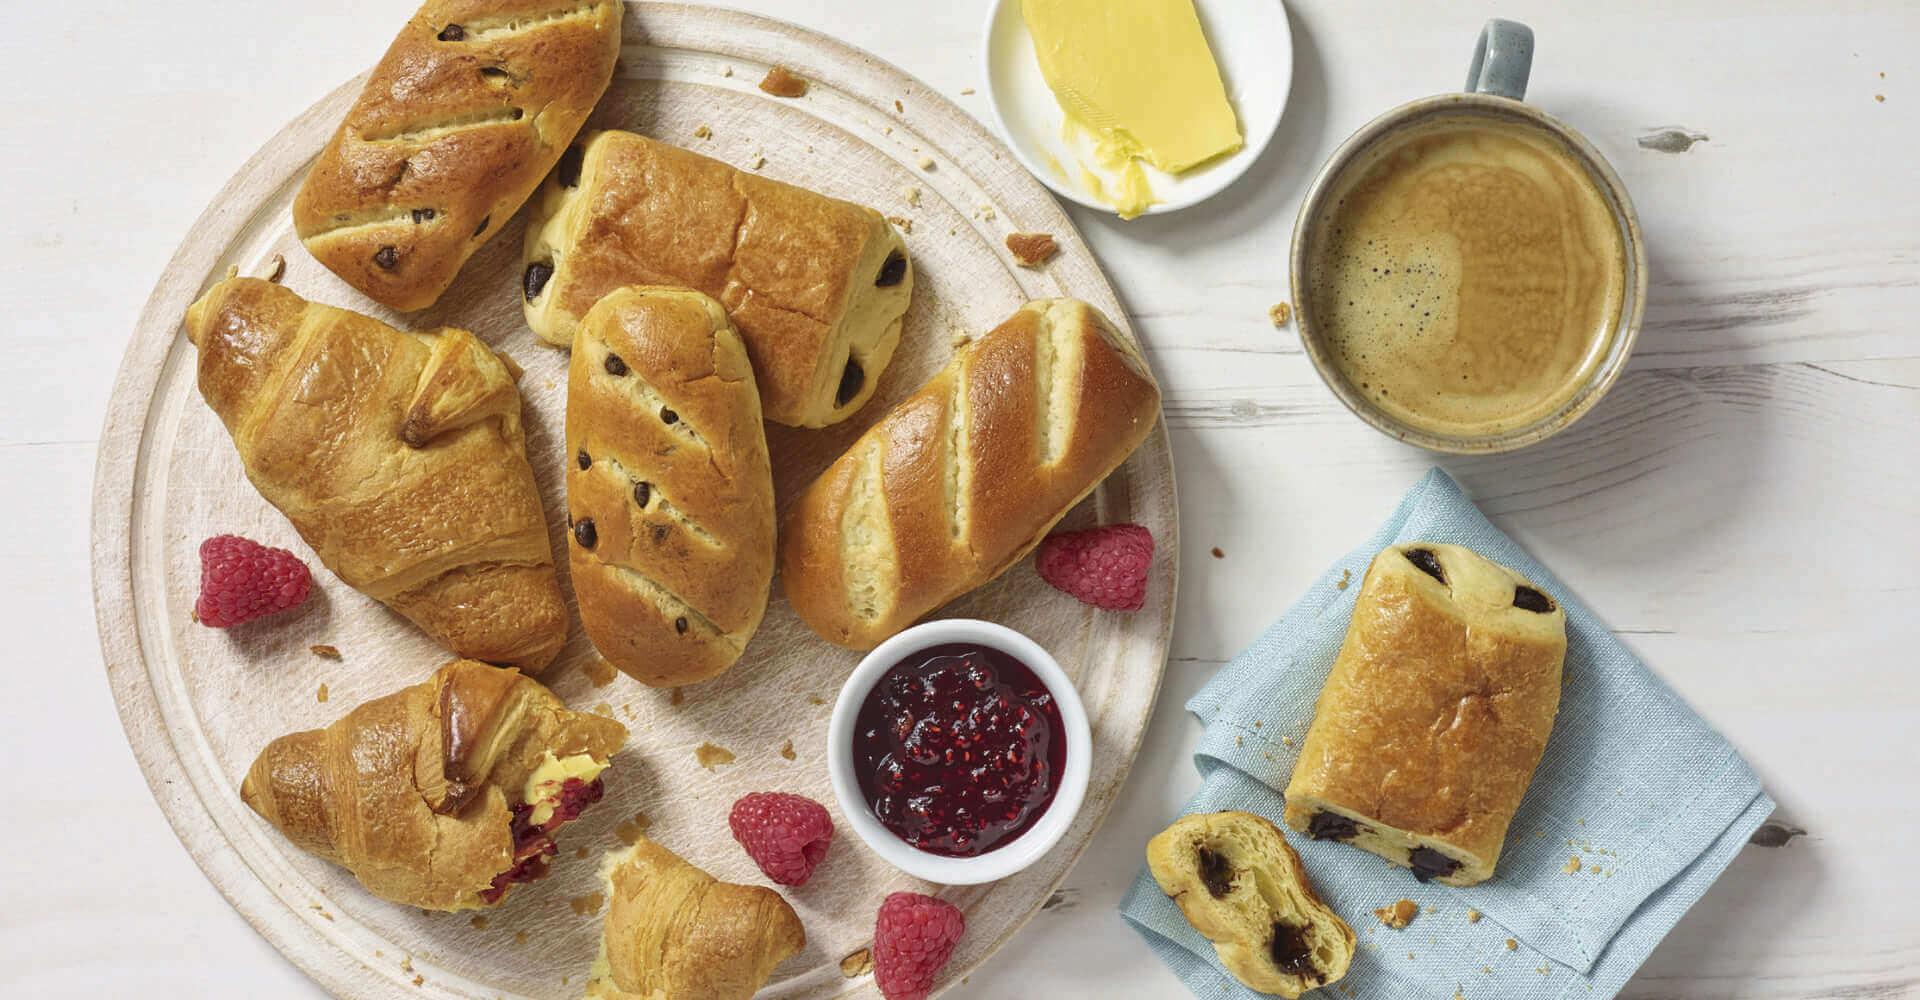 Le Francais Breakfast